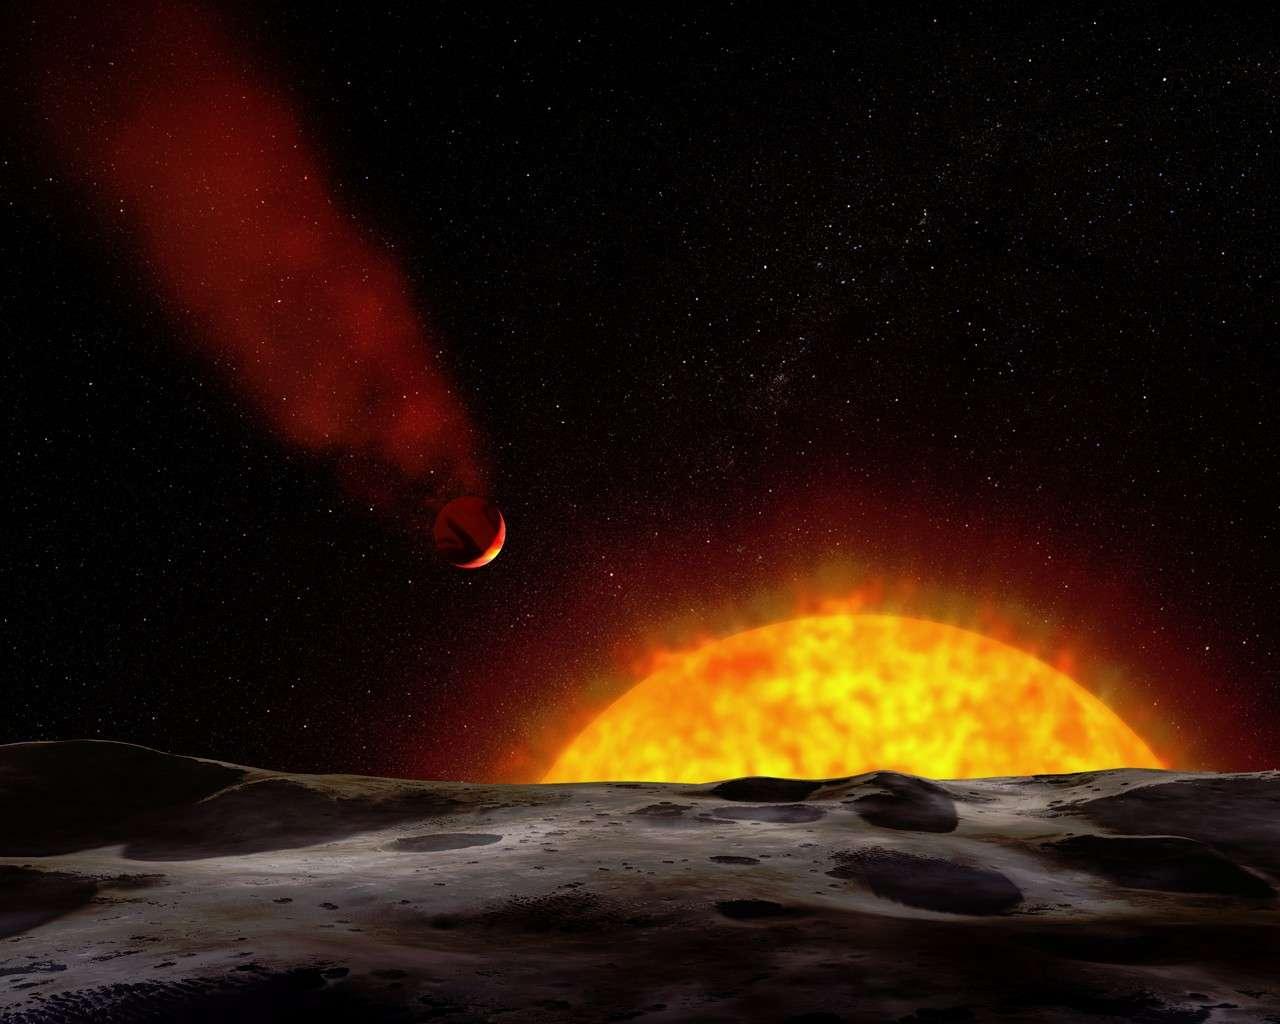 Cette image d'artiste montre à quoi pourrait ressembler HD 209458b vue d'une exoplanète proche. Crédit Nasa/ESA/G. Bacon (STScI)